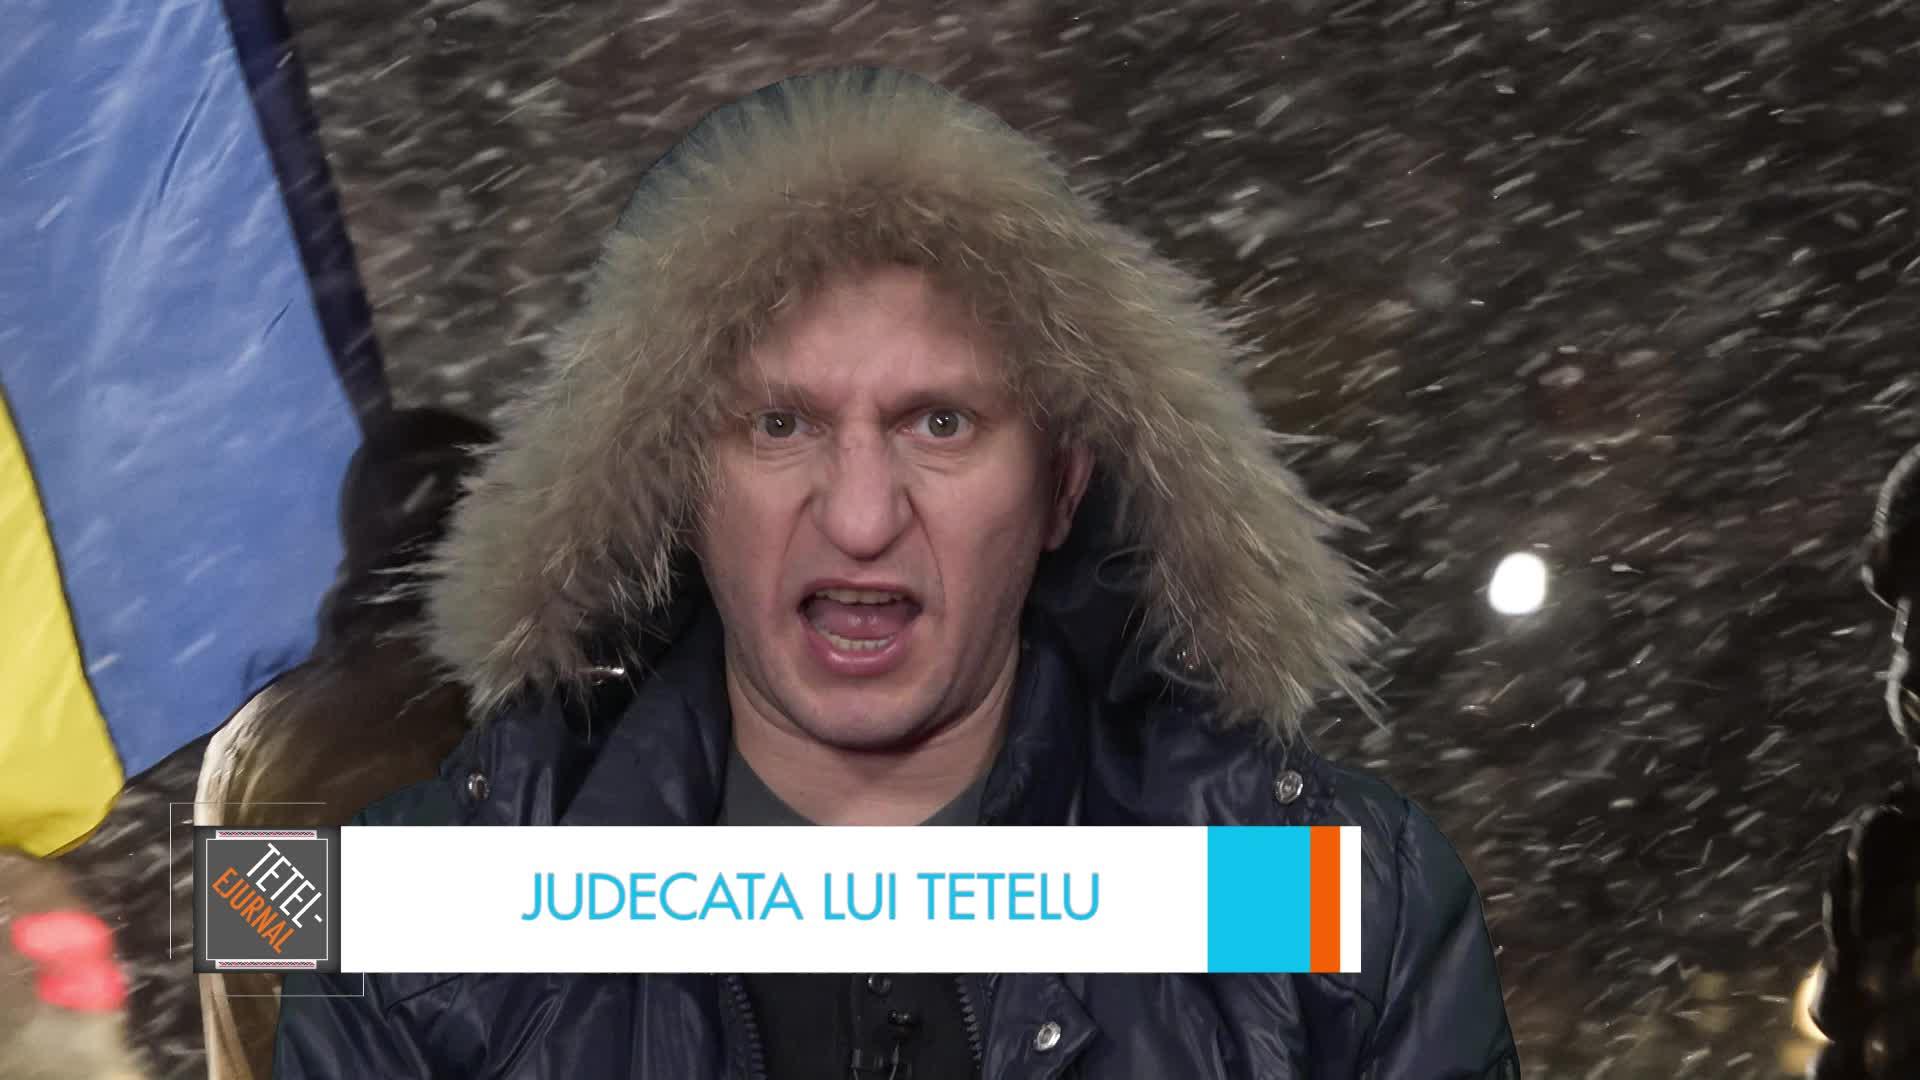 Judecata lui Tetelu: Lozinca pentru protest